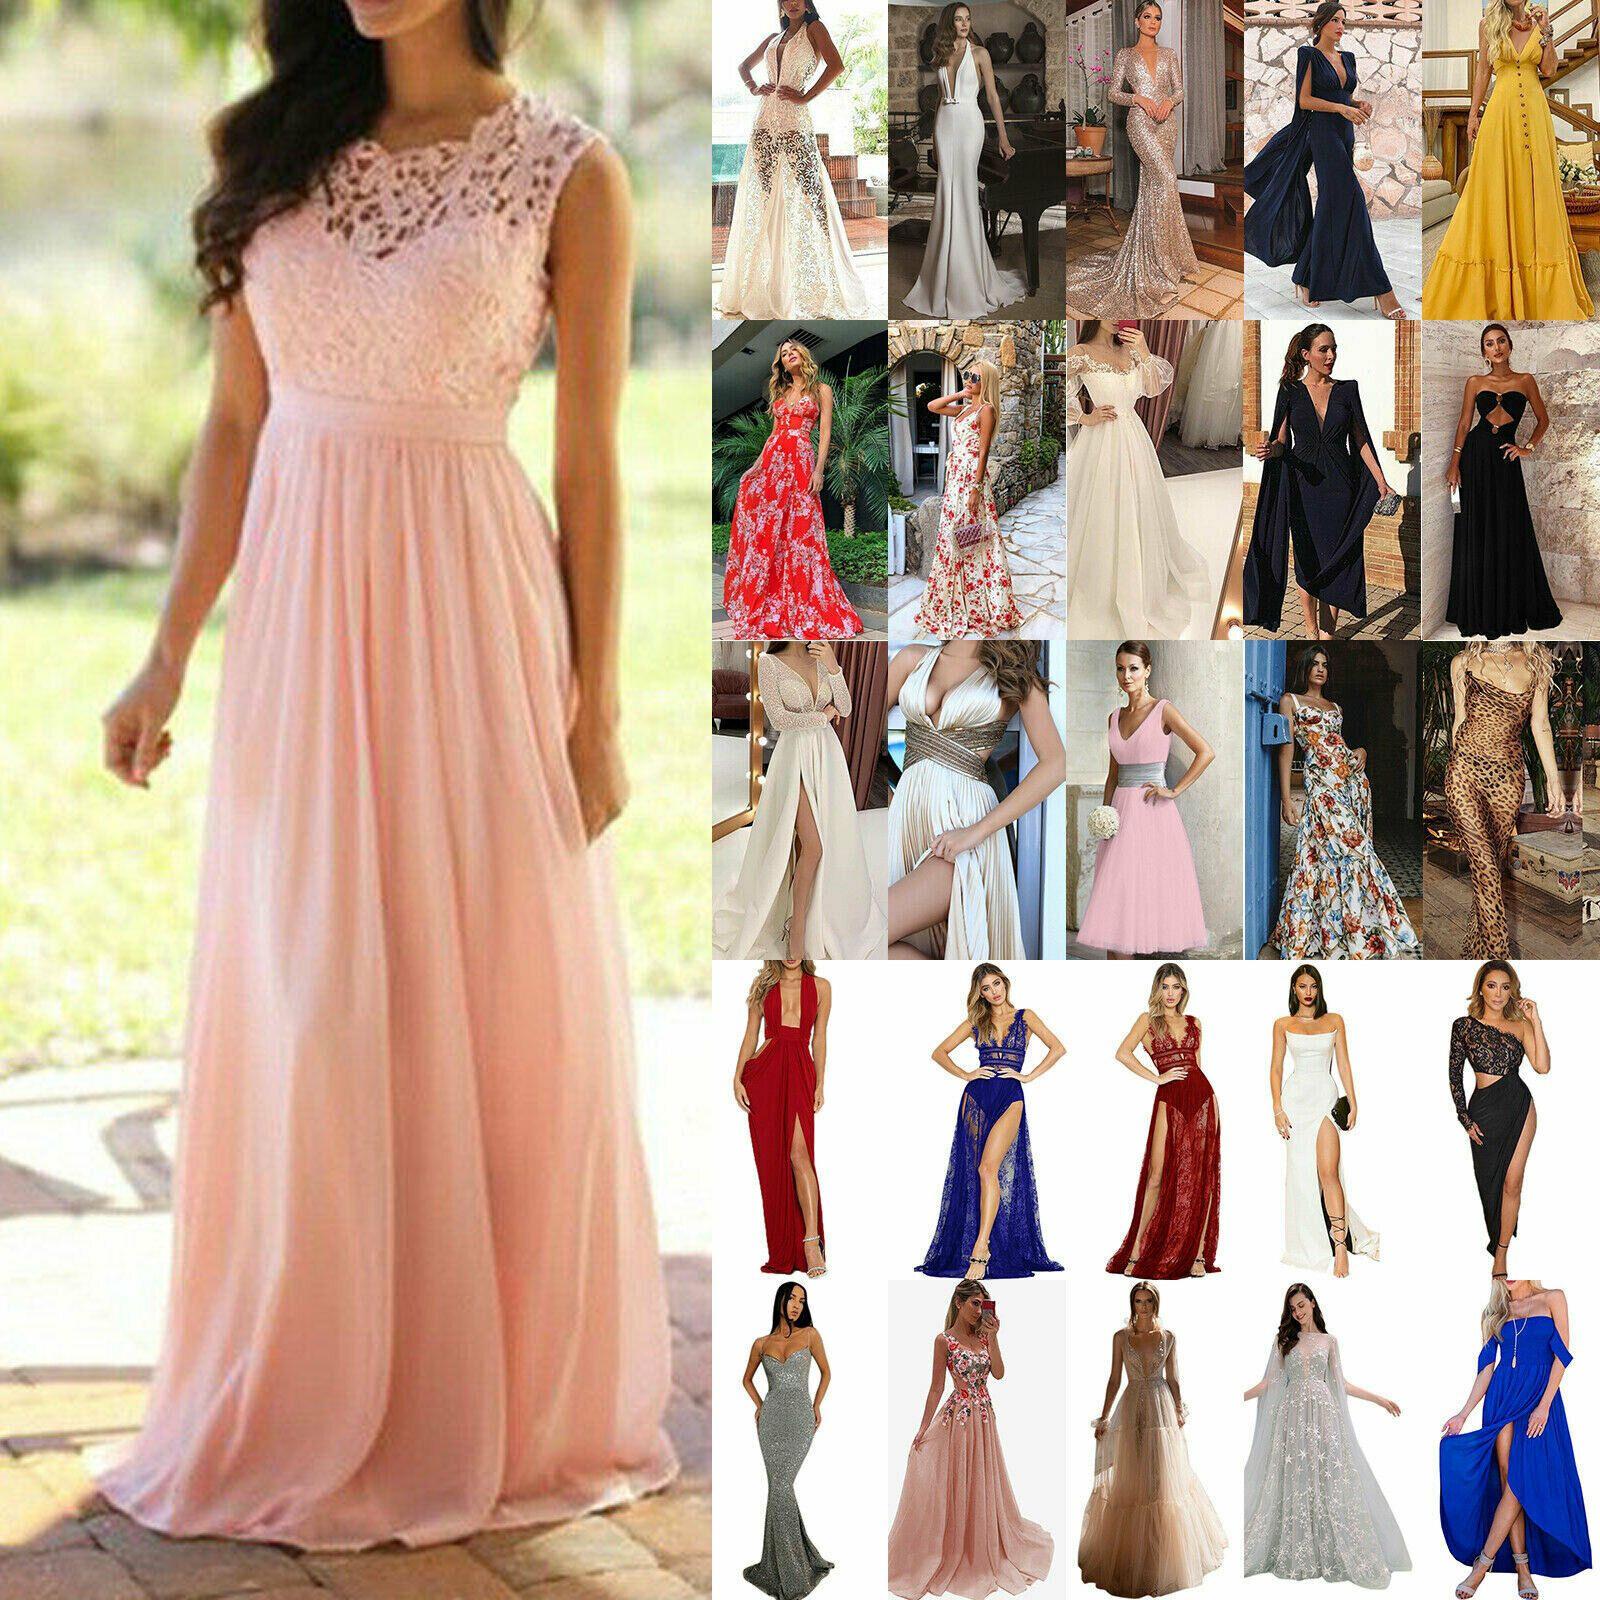 Einfach A&C Abendkleider SpezialgebietDesigner Großartig A&C Abendkleider Vertrieb